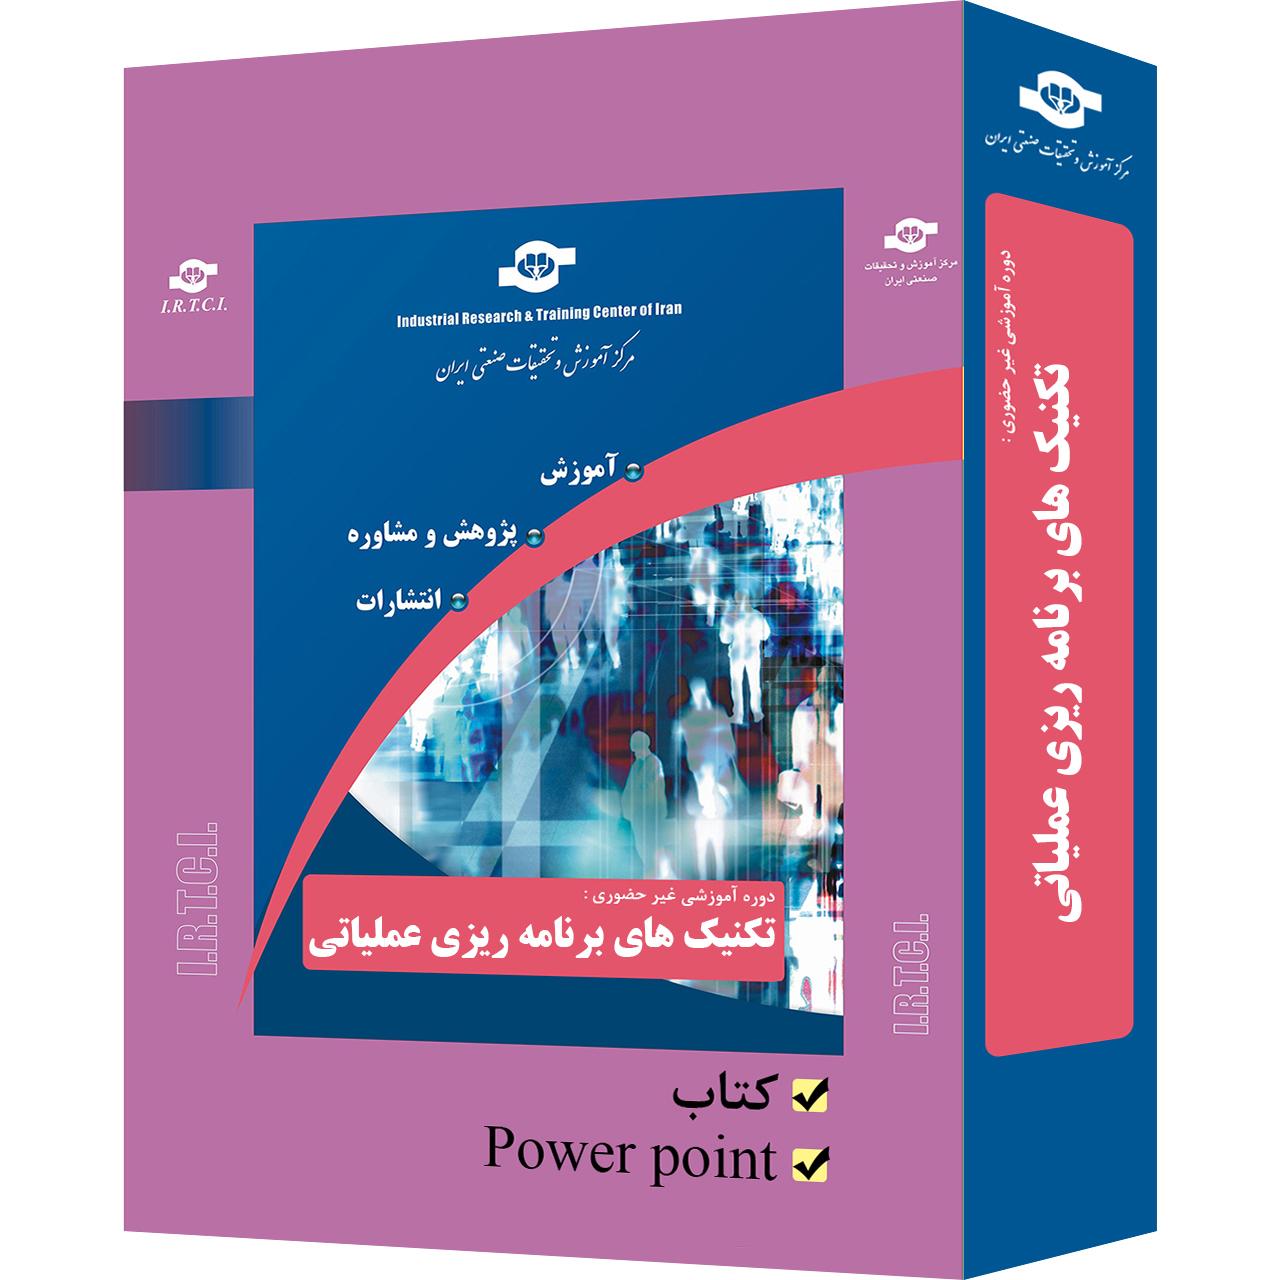 بسته آموزشی غیر حضوری تکنیک های برنامه ریزی عملیاتی تدوین مرکز آموزش و تحقیقات صنعتی ایران